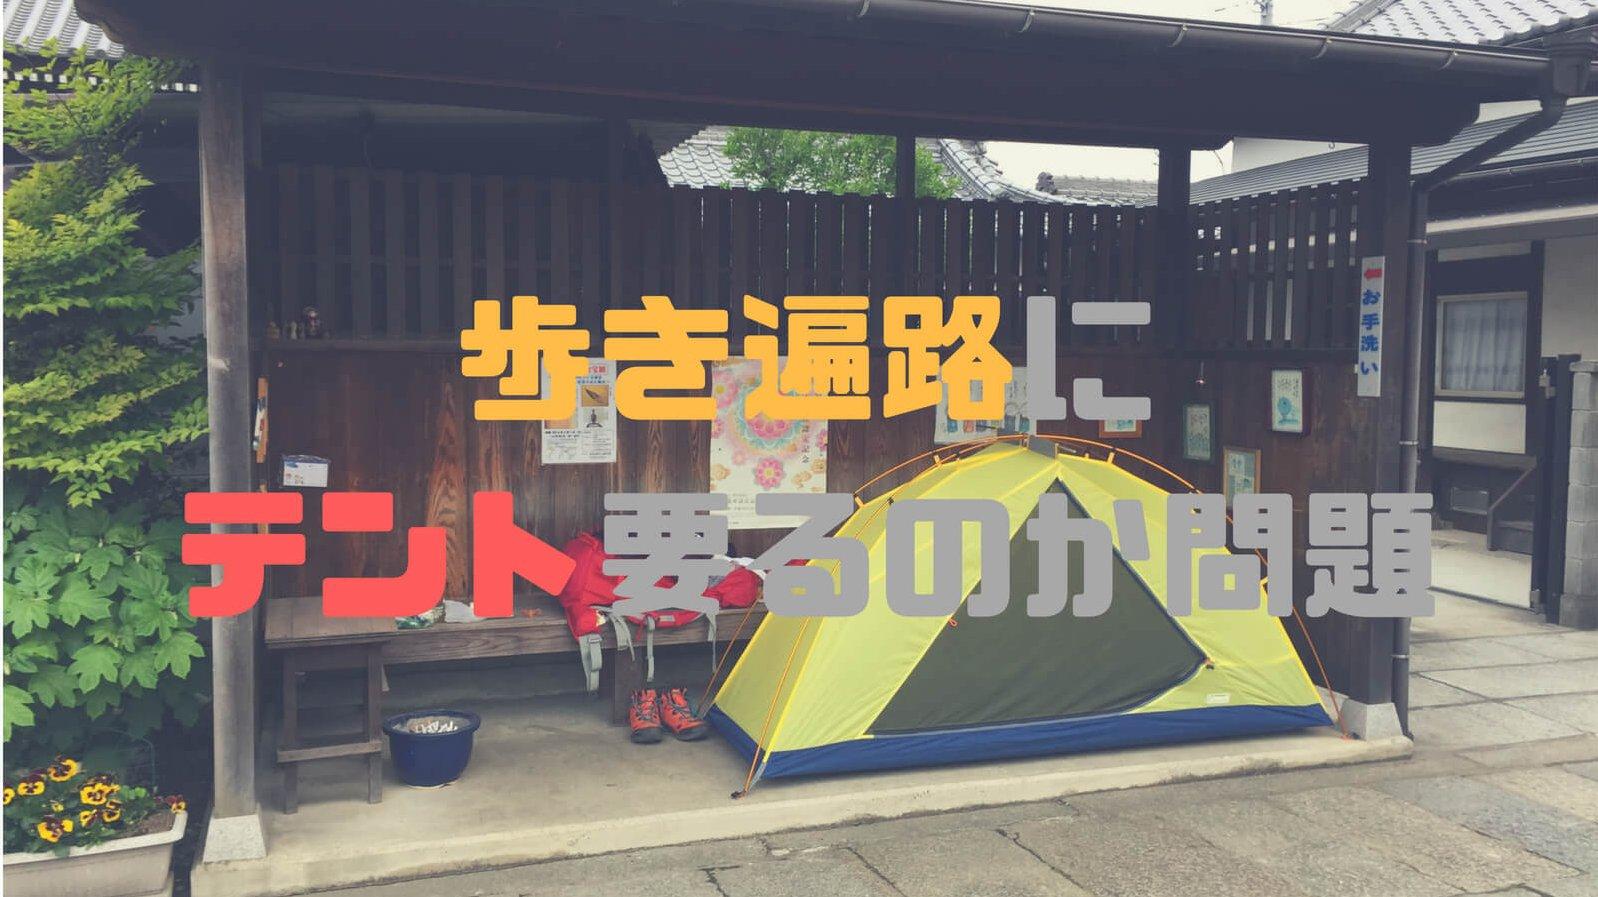 野宿の歩き遍路にテントは必要か?経験者が解説します!